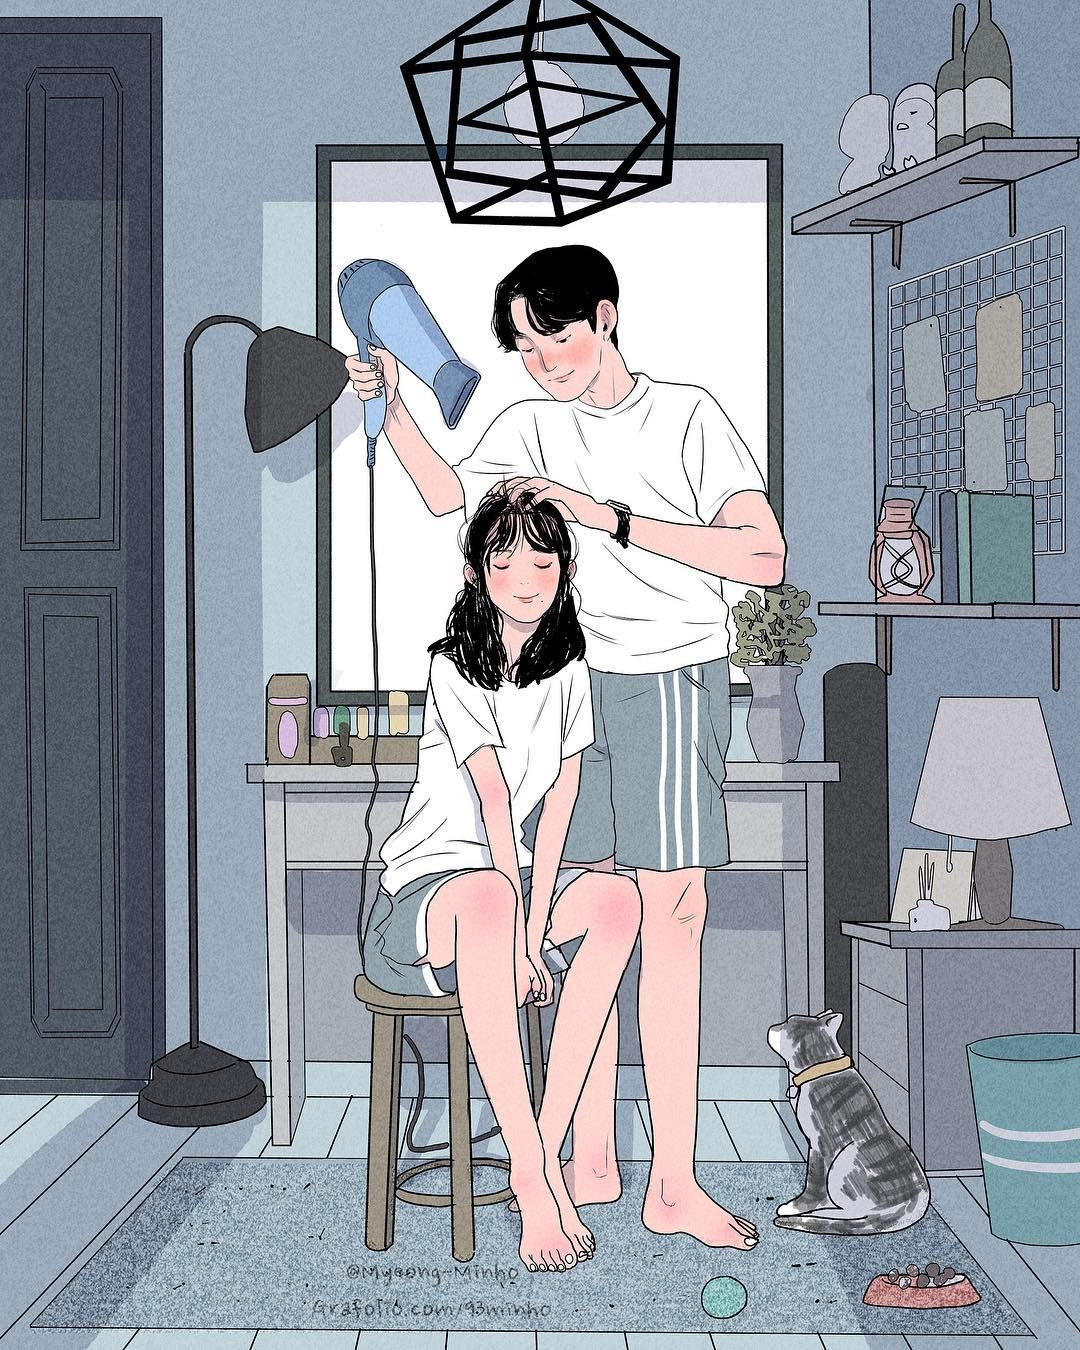 Sweet Magic: O cotidiano de um casal fofo na arte de Myeong Minho